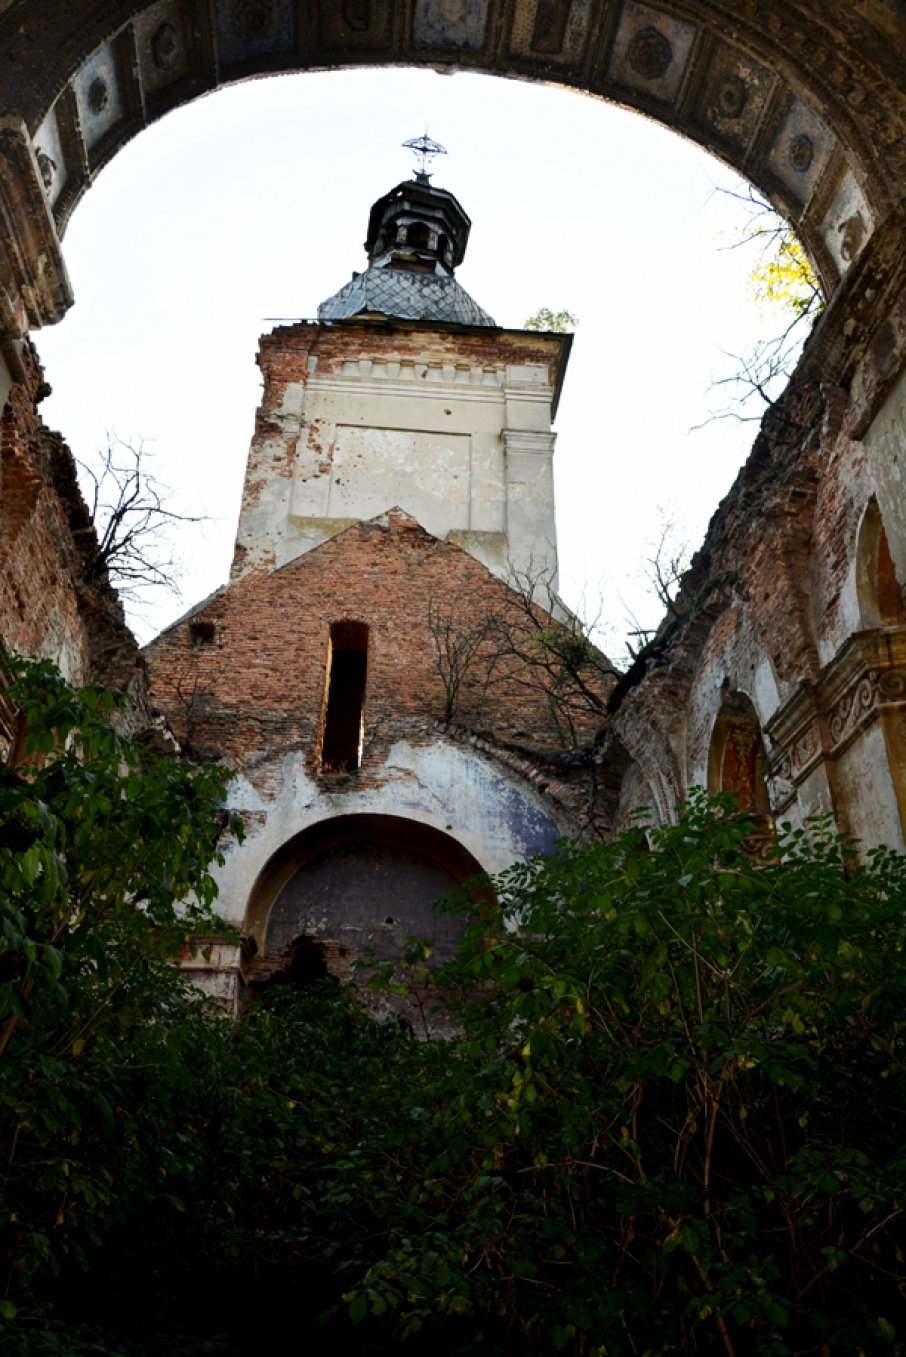 На Львовщине «черные археологи» раскопали захоронения монахов и разбросали кости в руинах костела